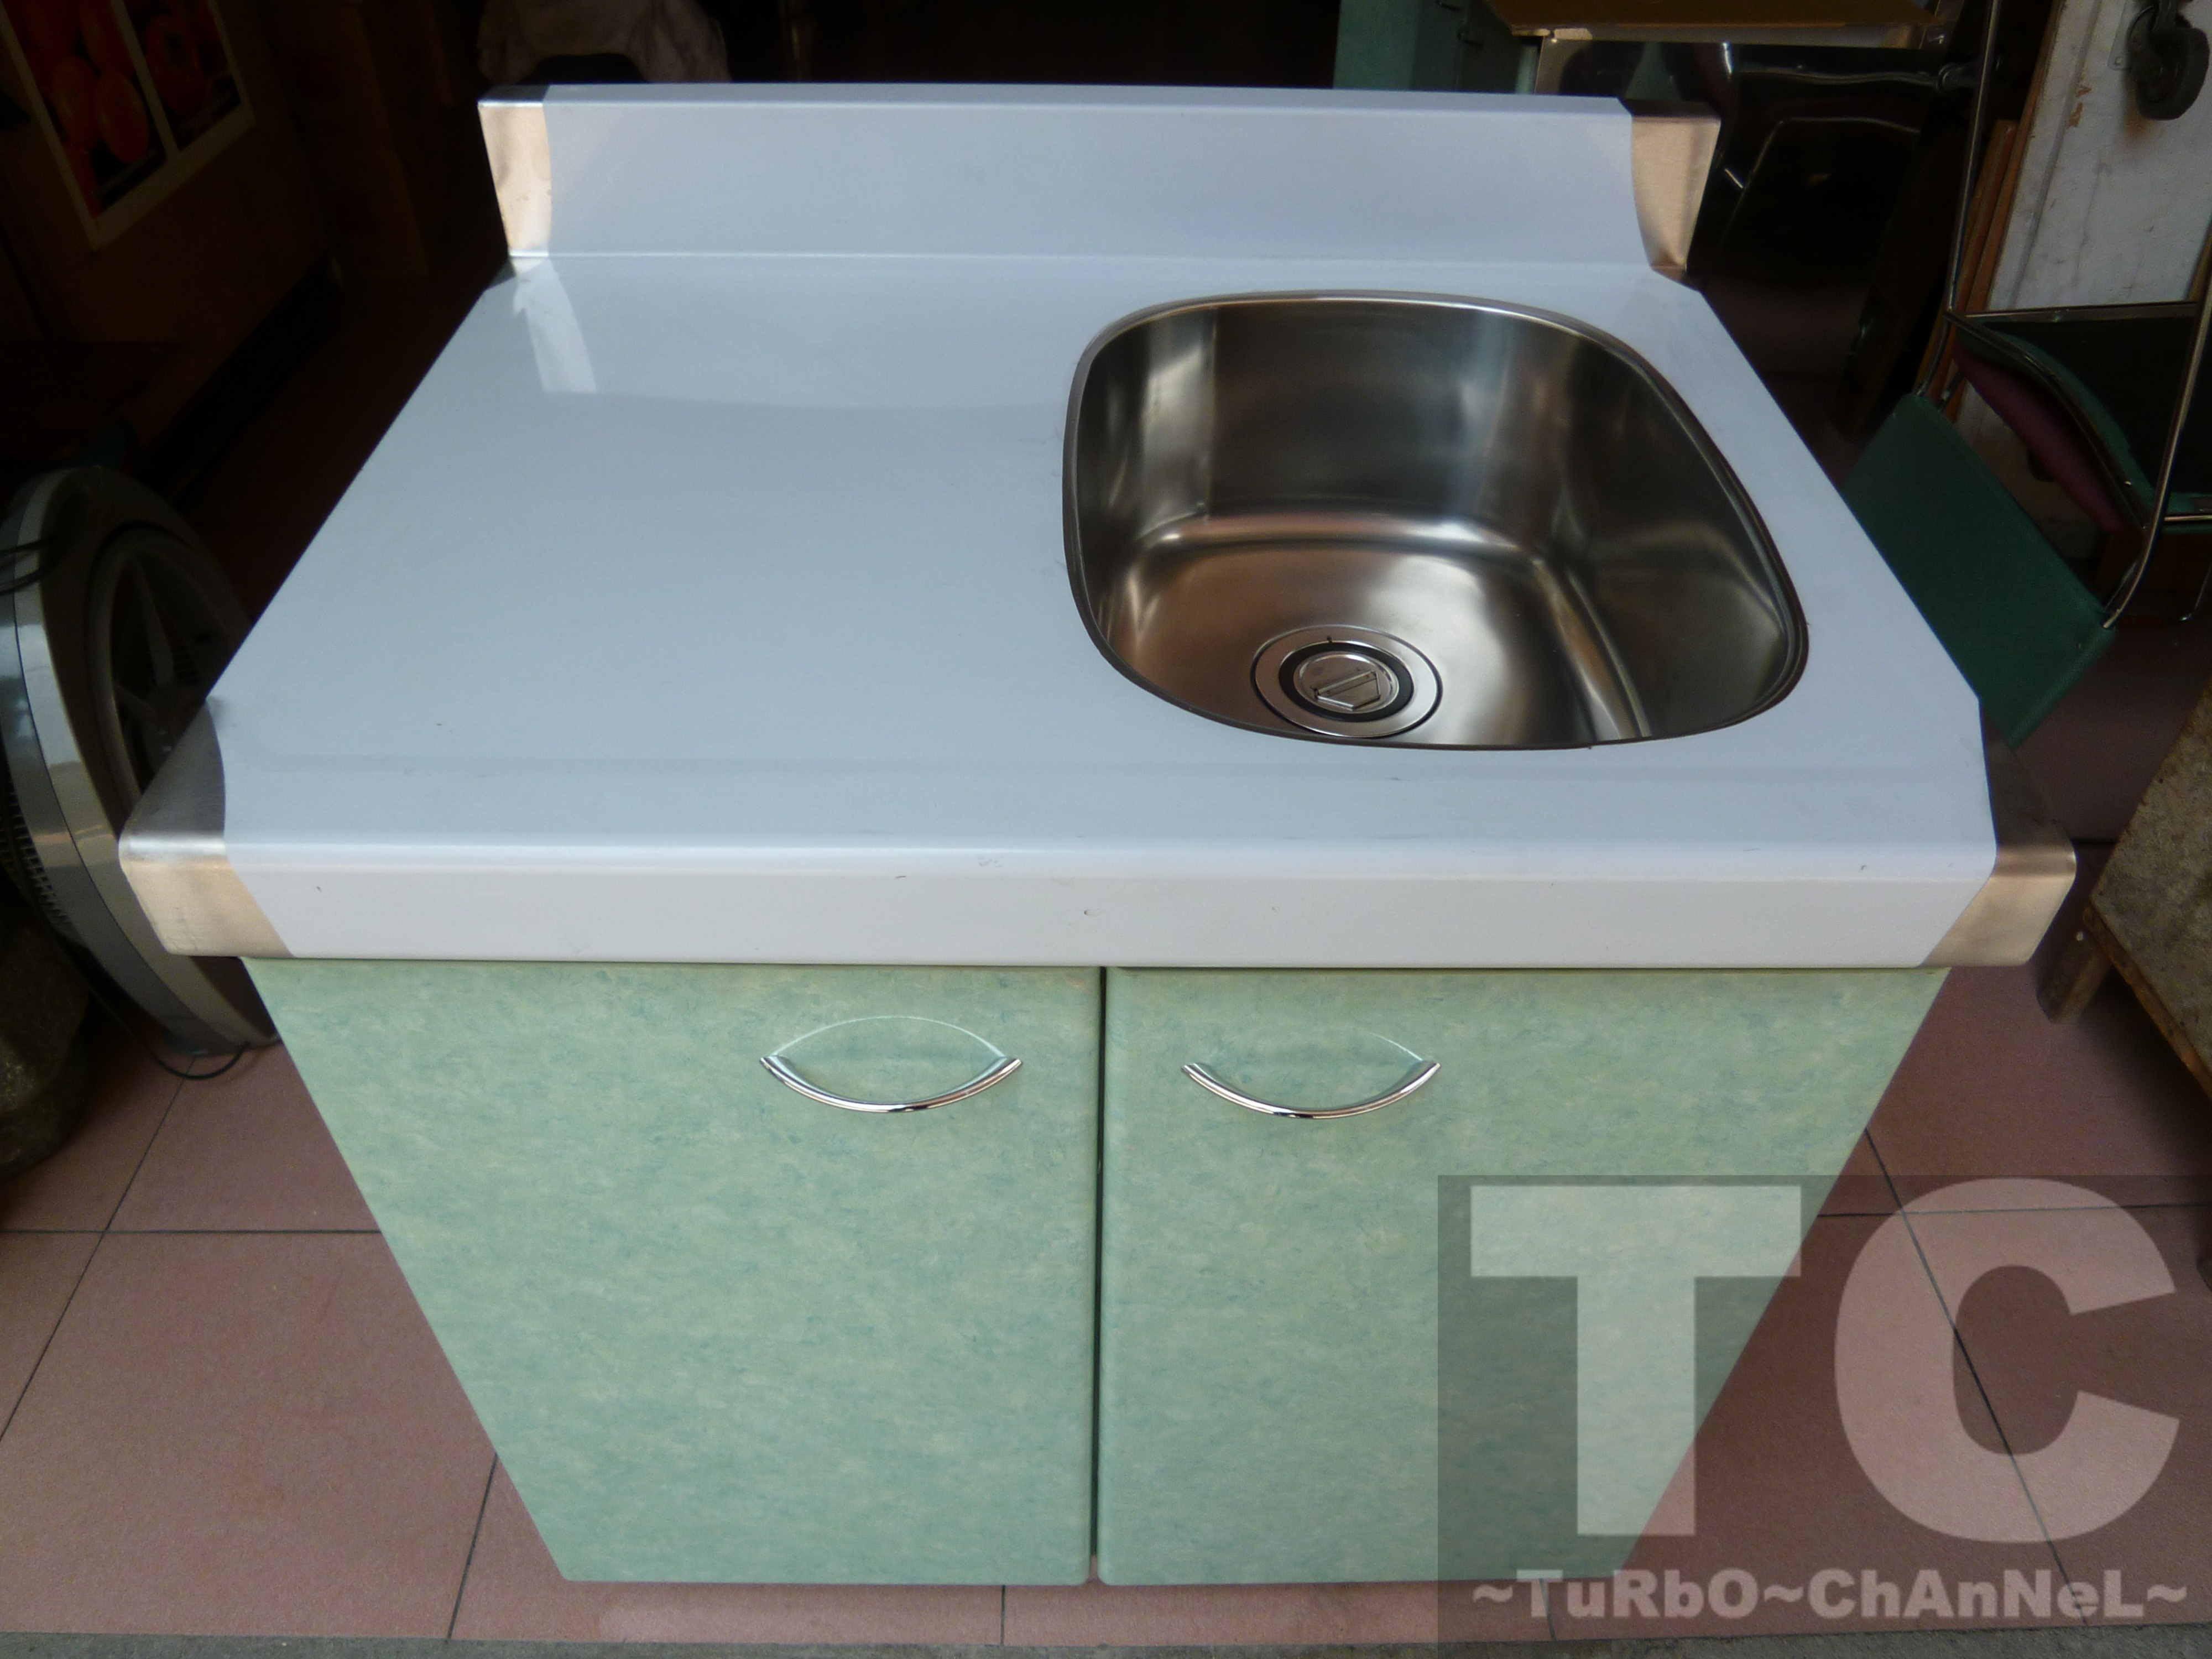 流理台【72公分洗台-右小水槽】台面&櫃體不鏽鋼 淺綠色大理石紋門板 最新款流理臺